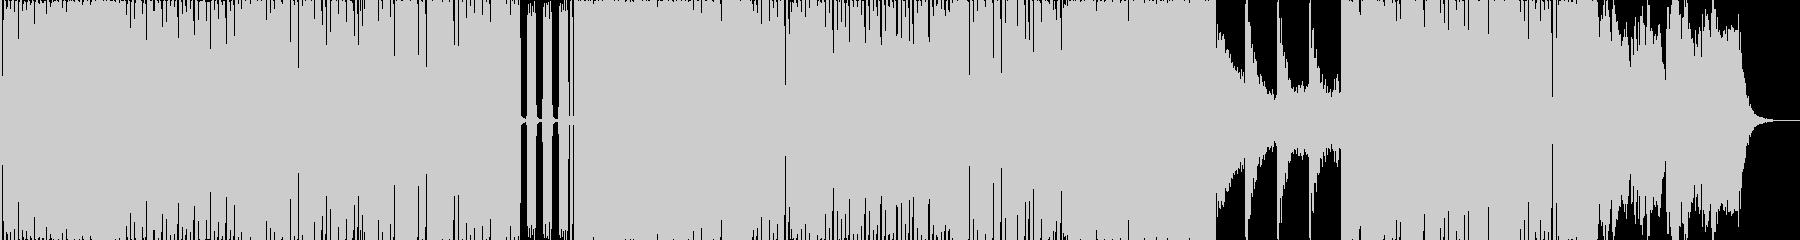 テンションあがるエレクトロRock!!の未再生の波形